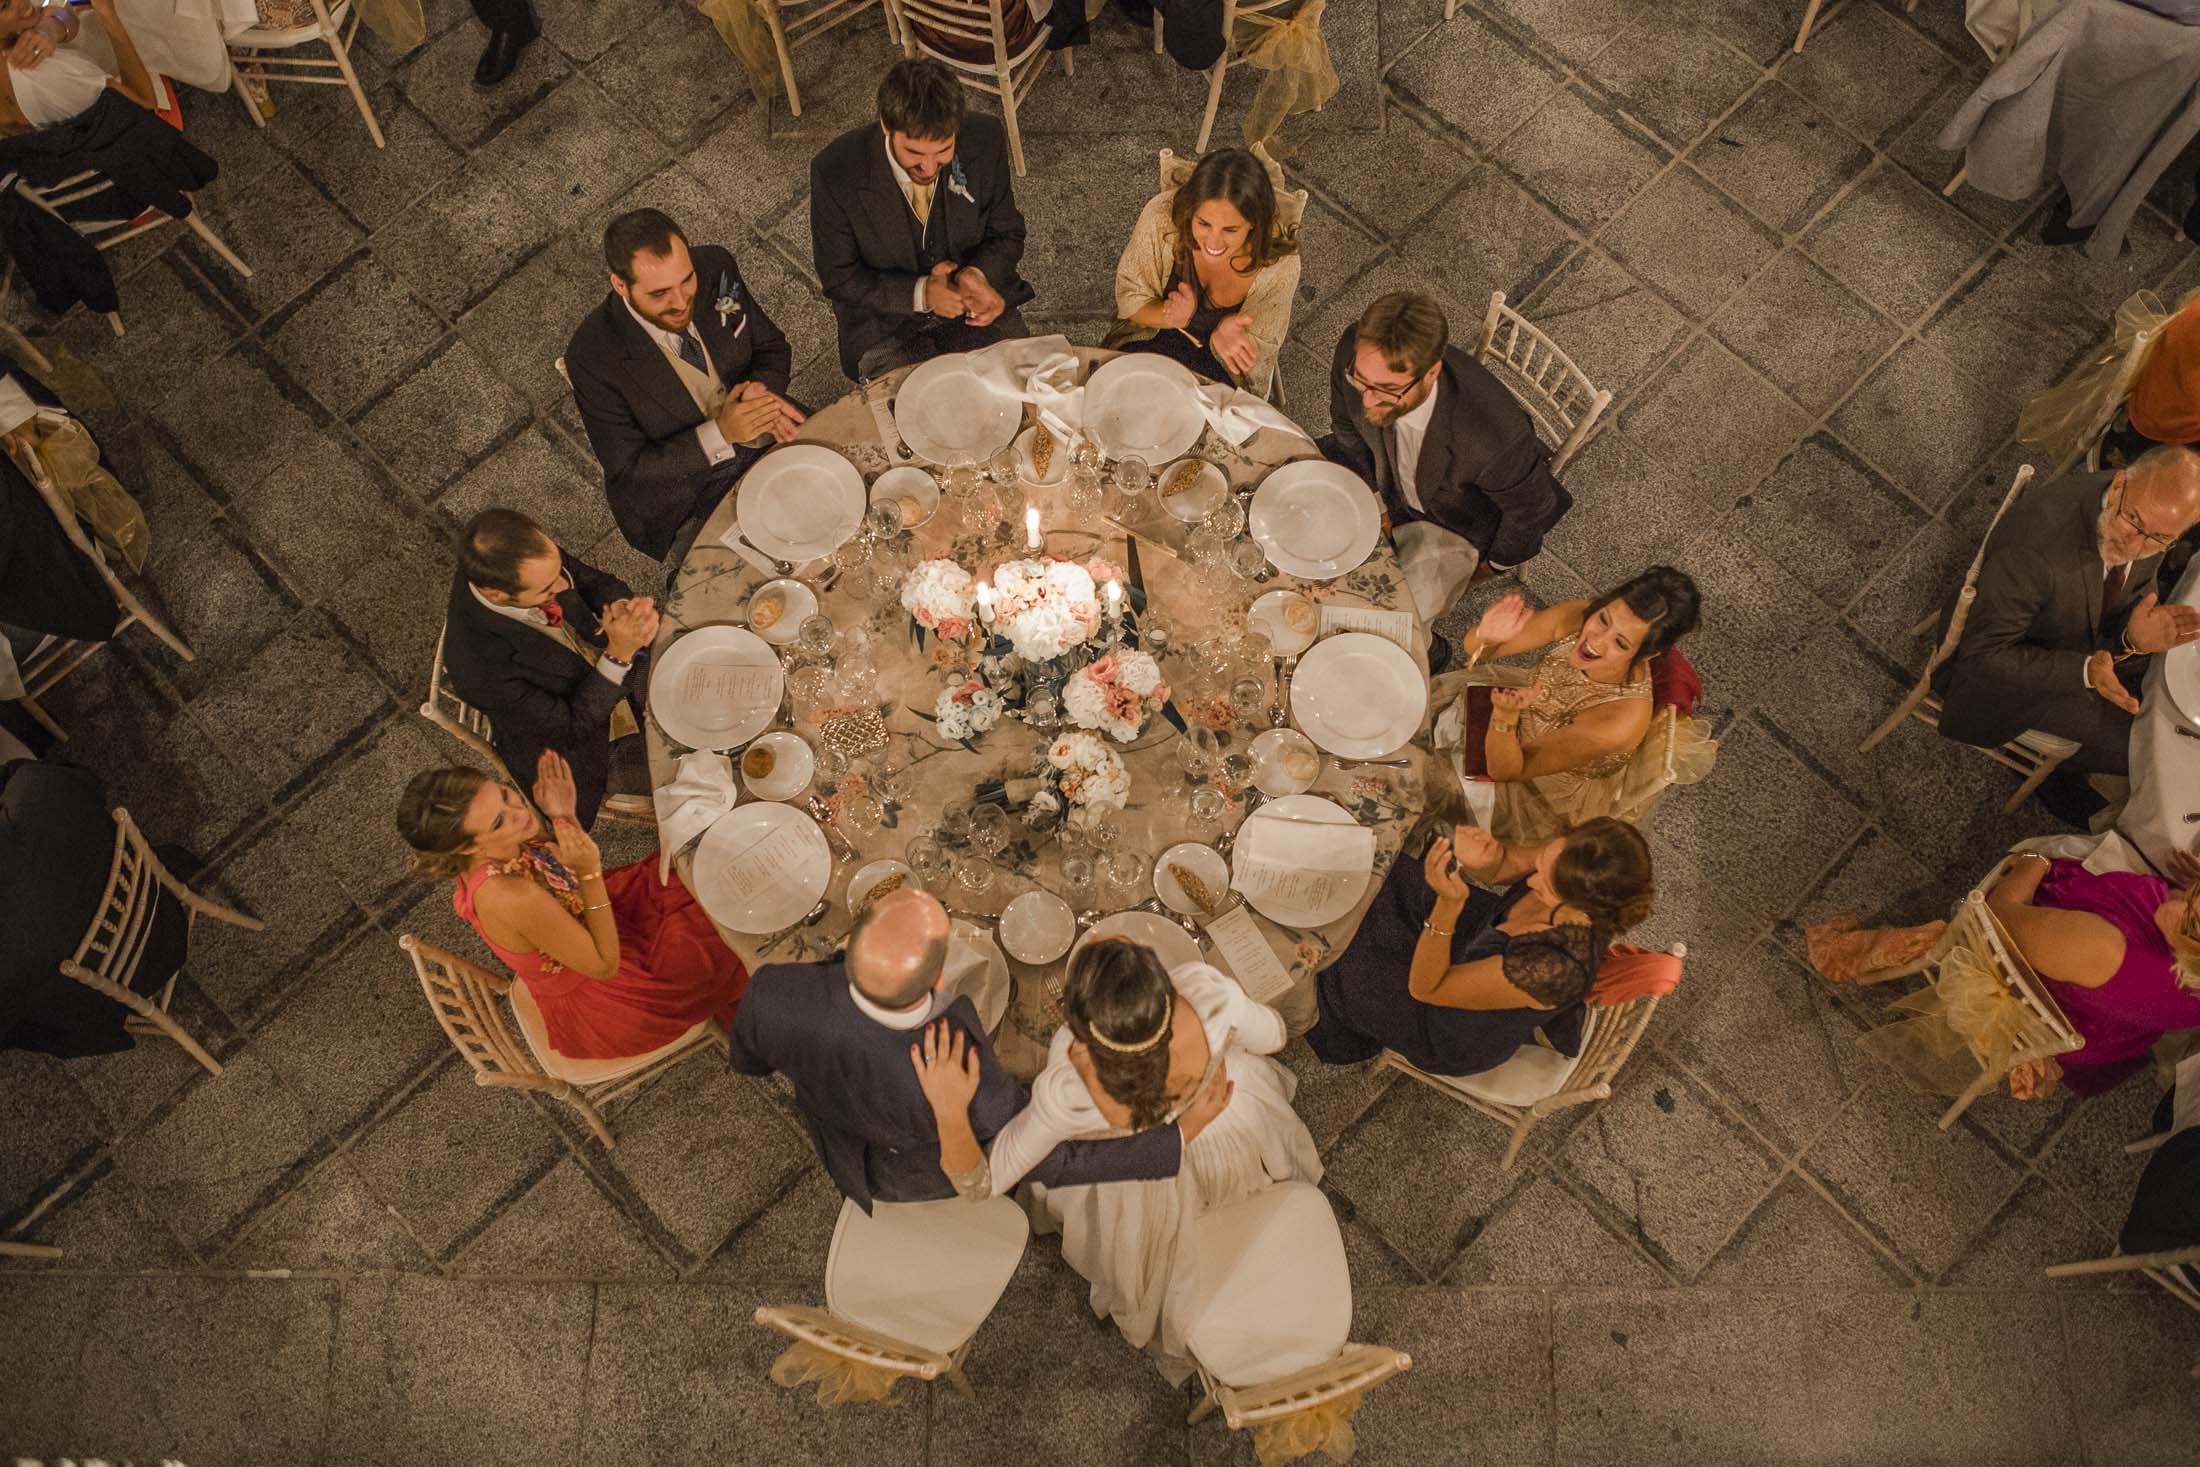 mesa novios_cena_boda romántica y vintage_bodasomethingblue